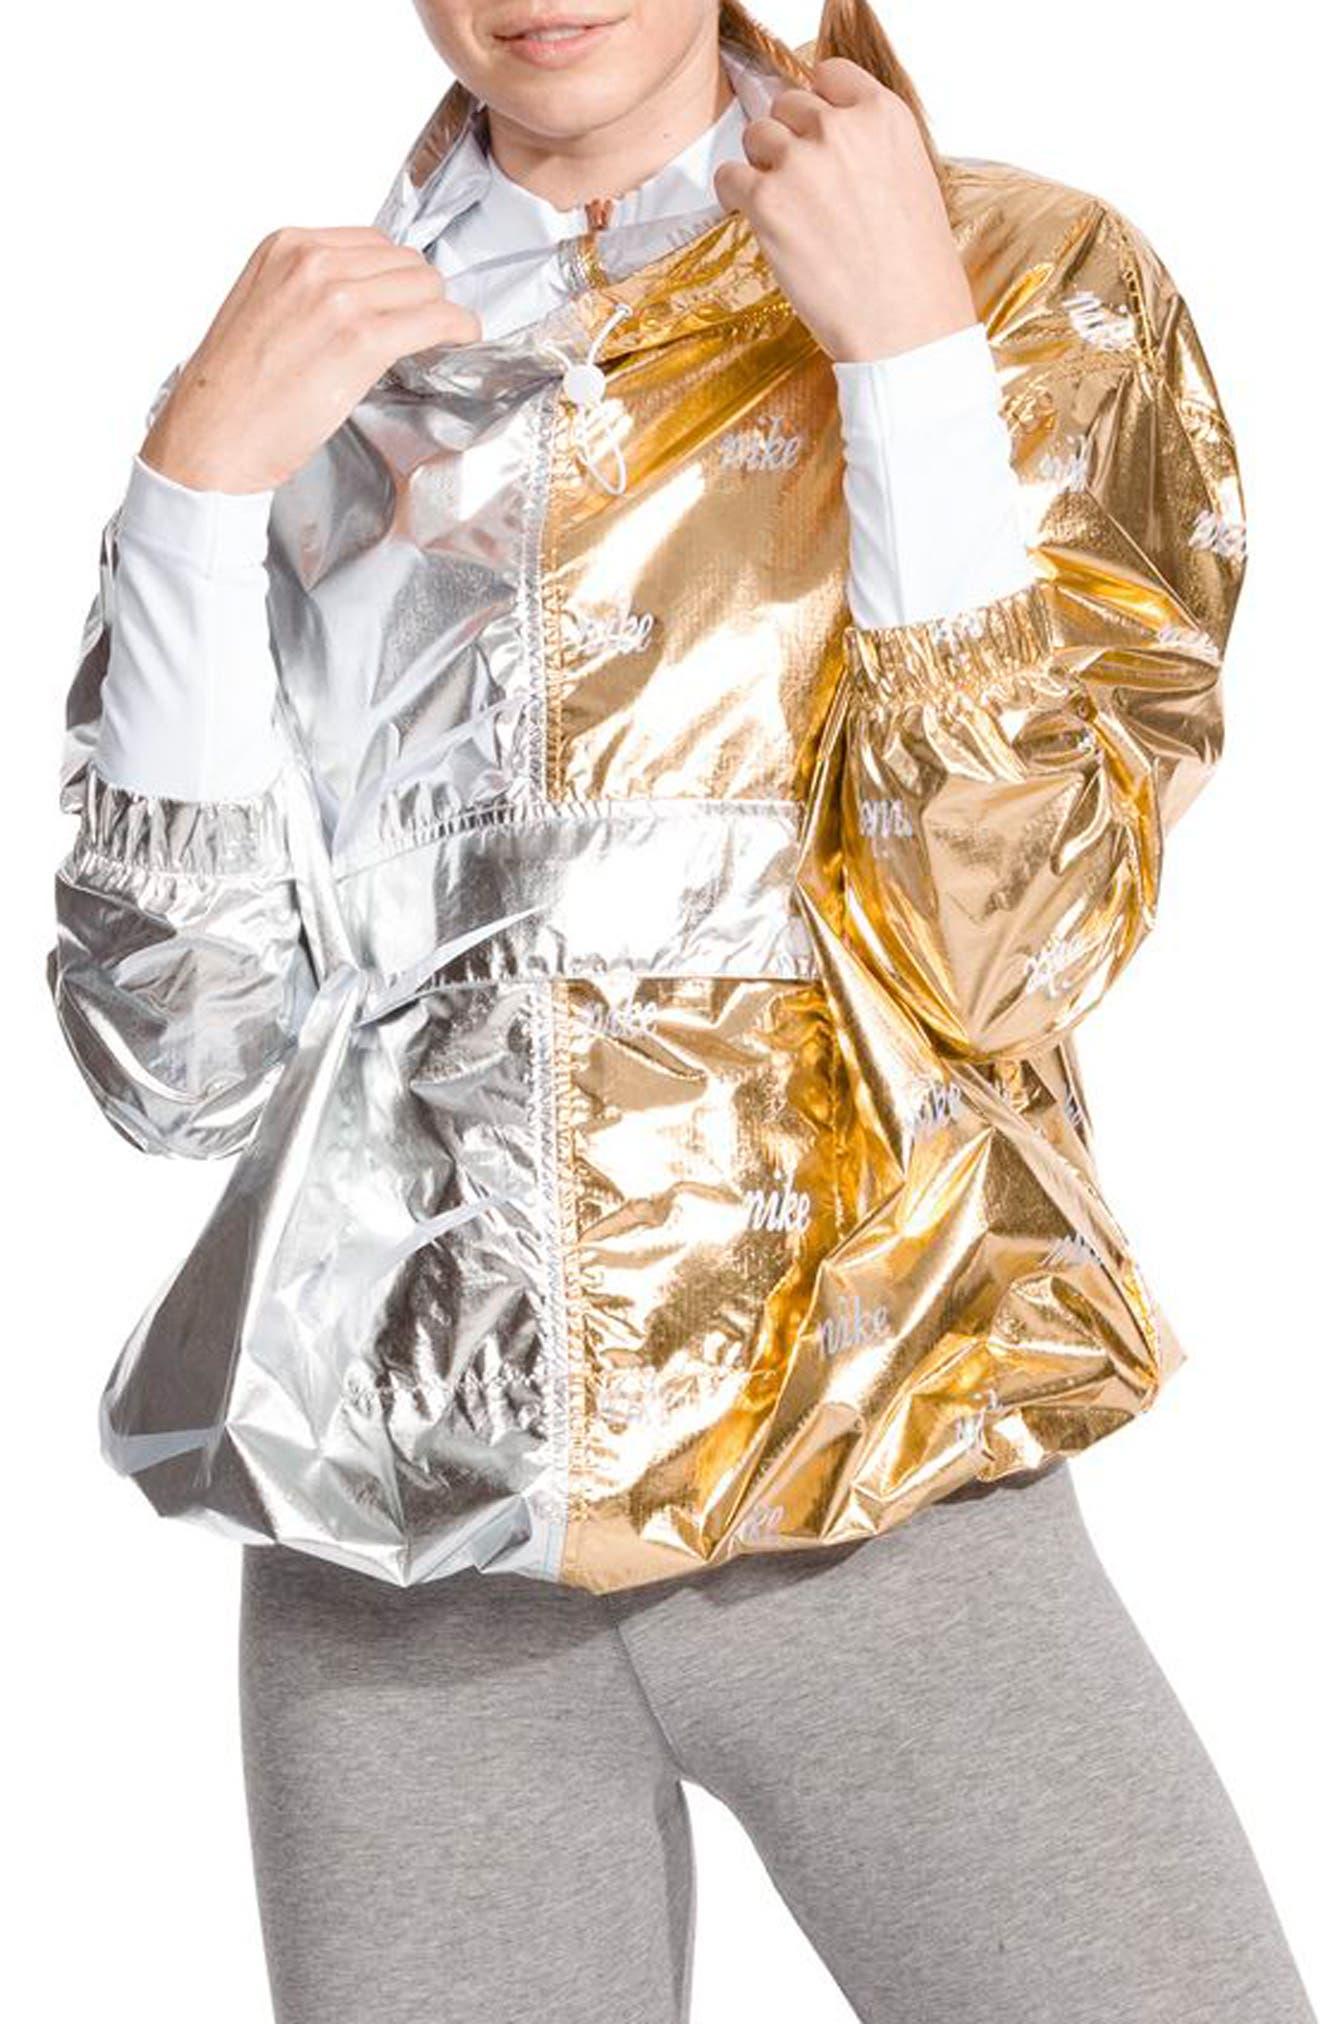 NIKE Sportswear Women's Metallic Jacket, Main, color, GOLD/ SILVER